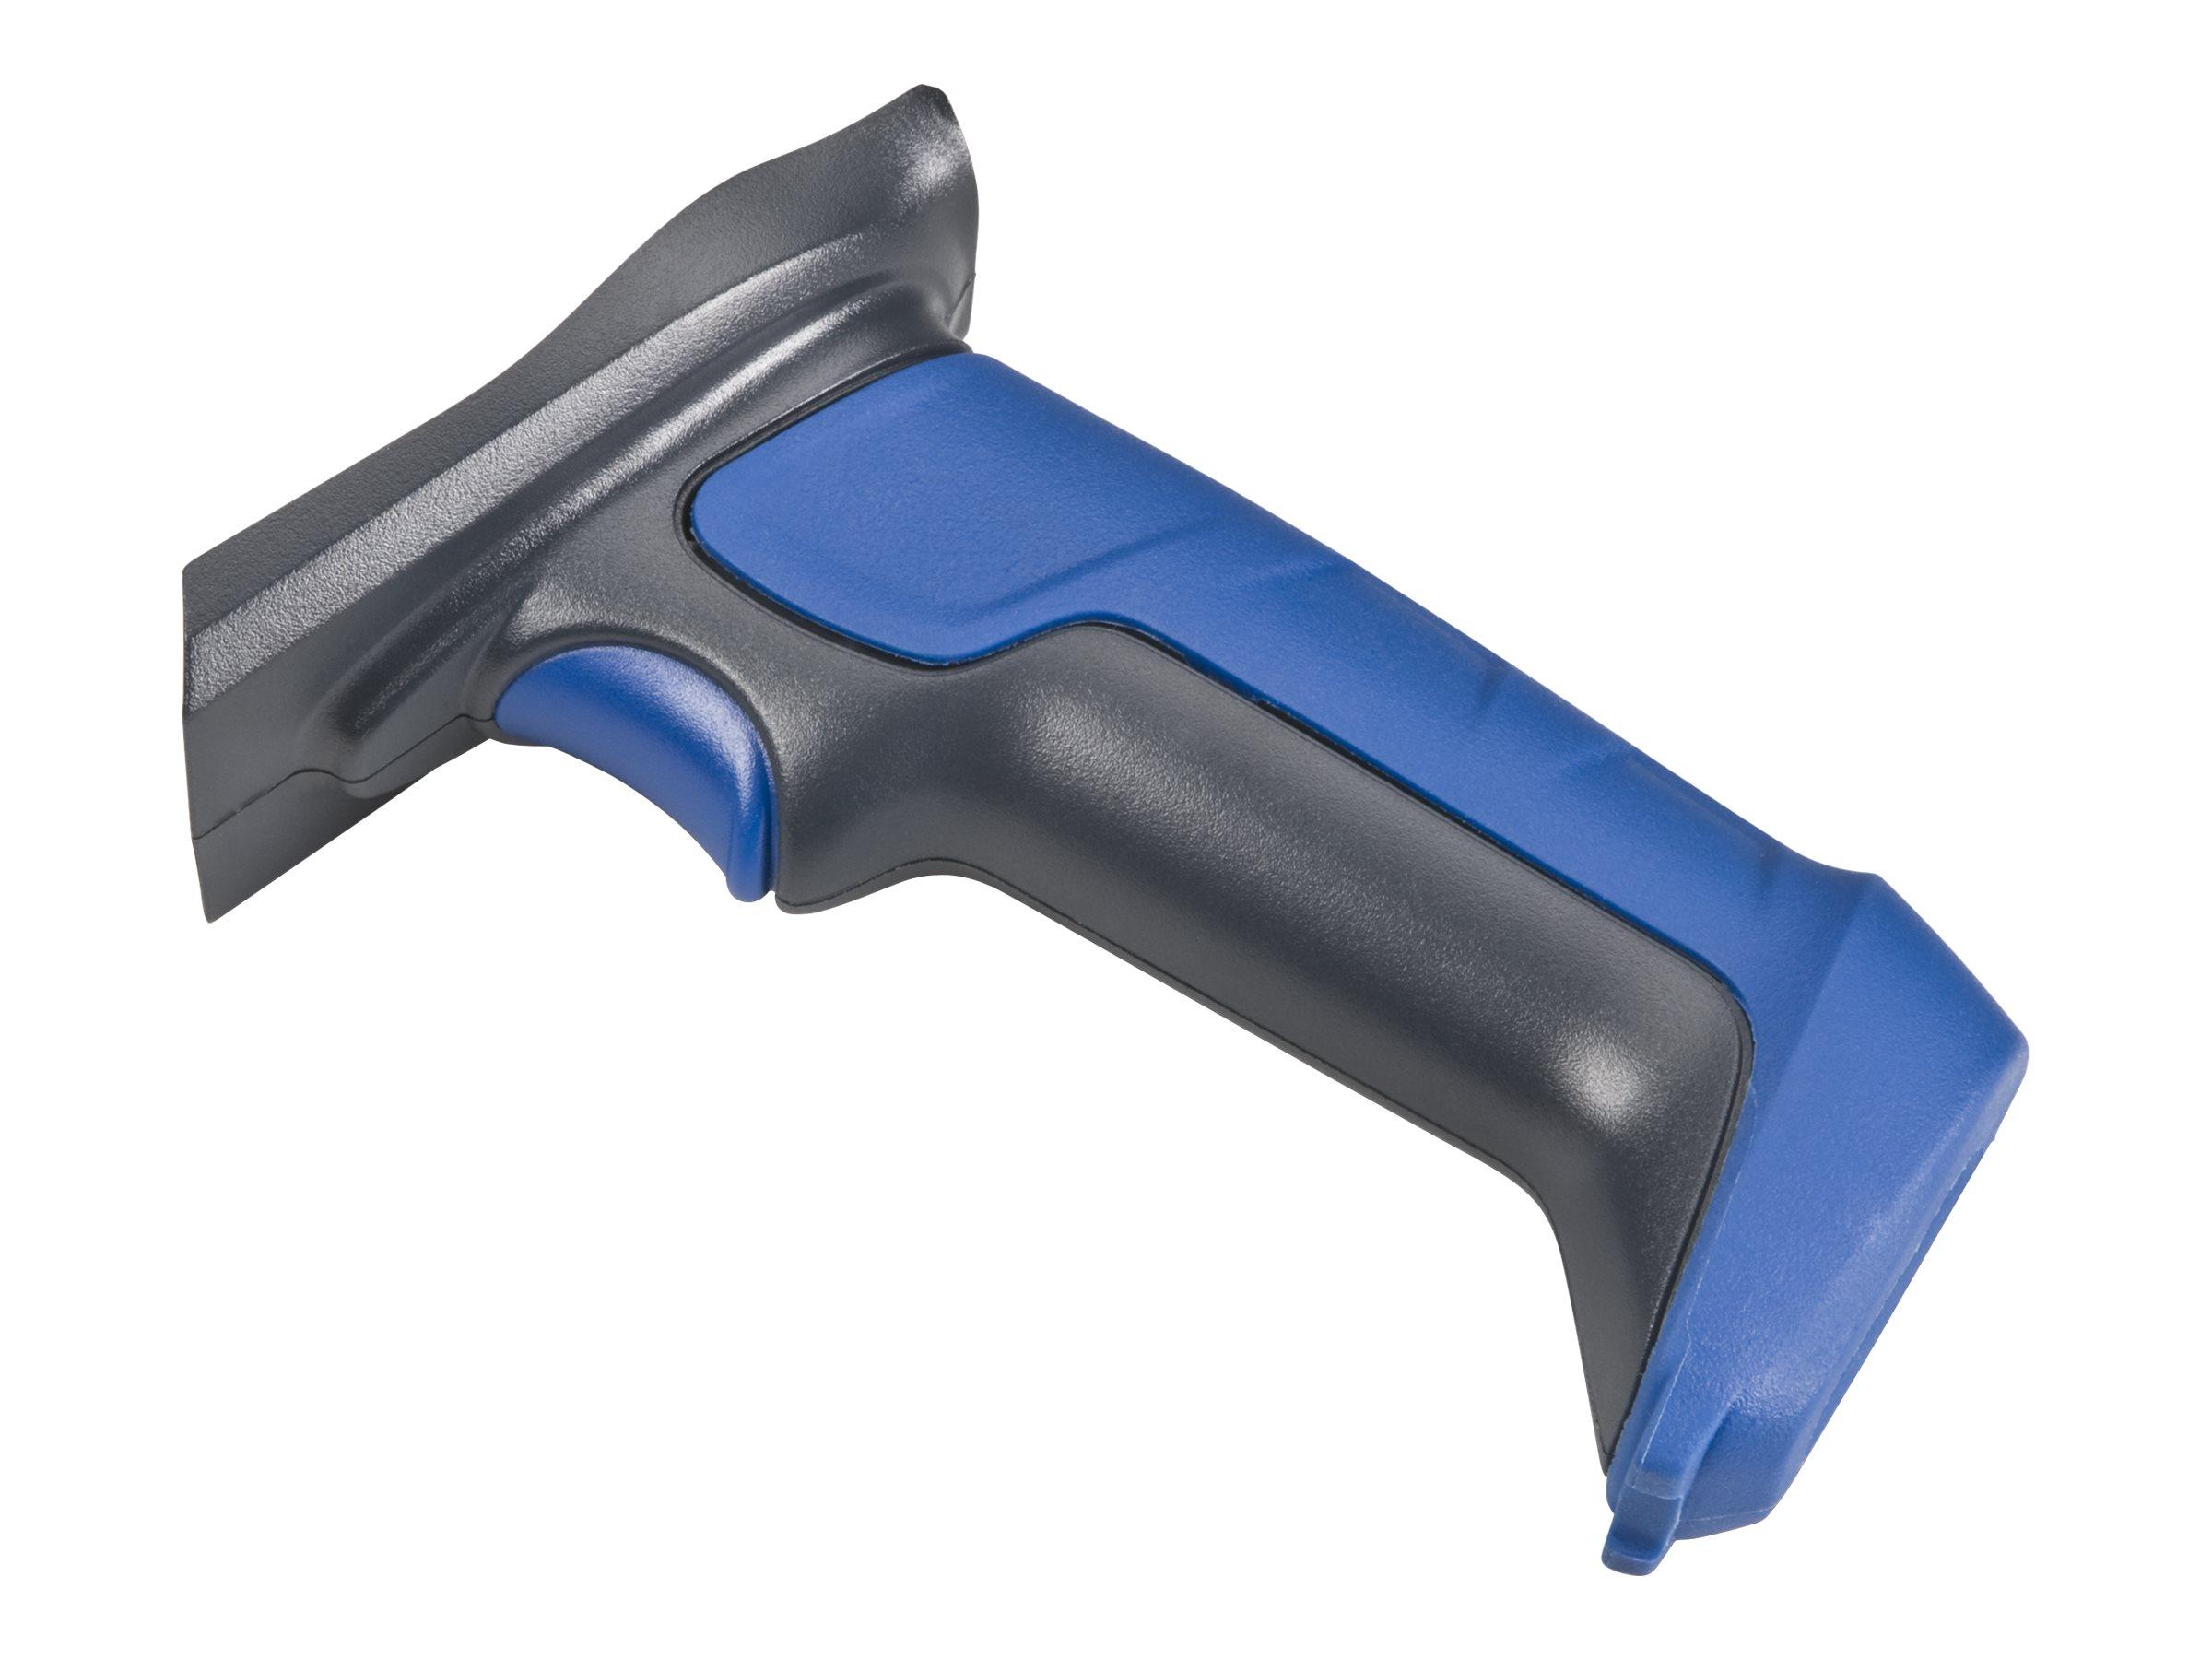 HONEYWELL Scan Handle - Handheld-Pistolengriff